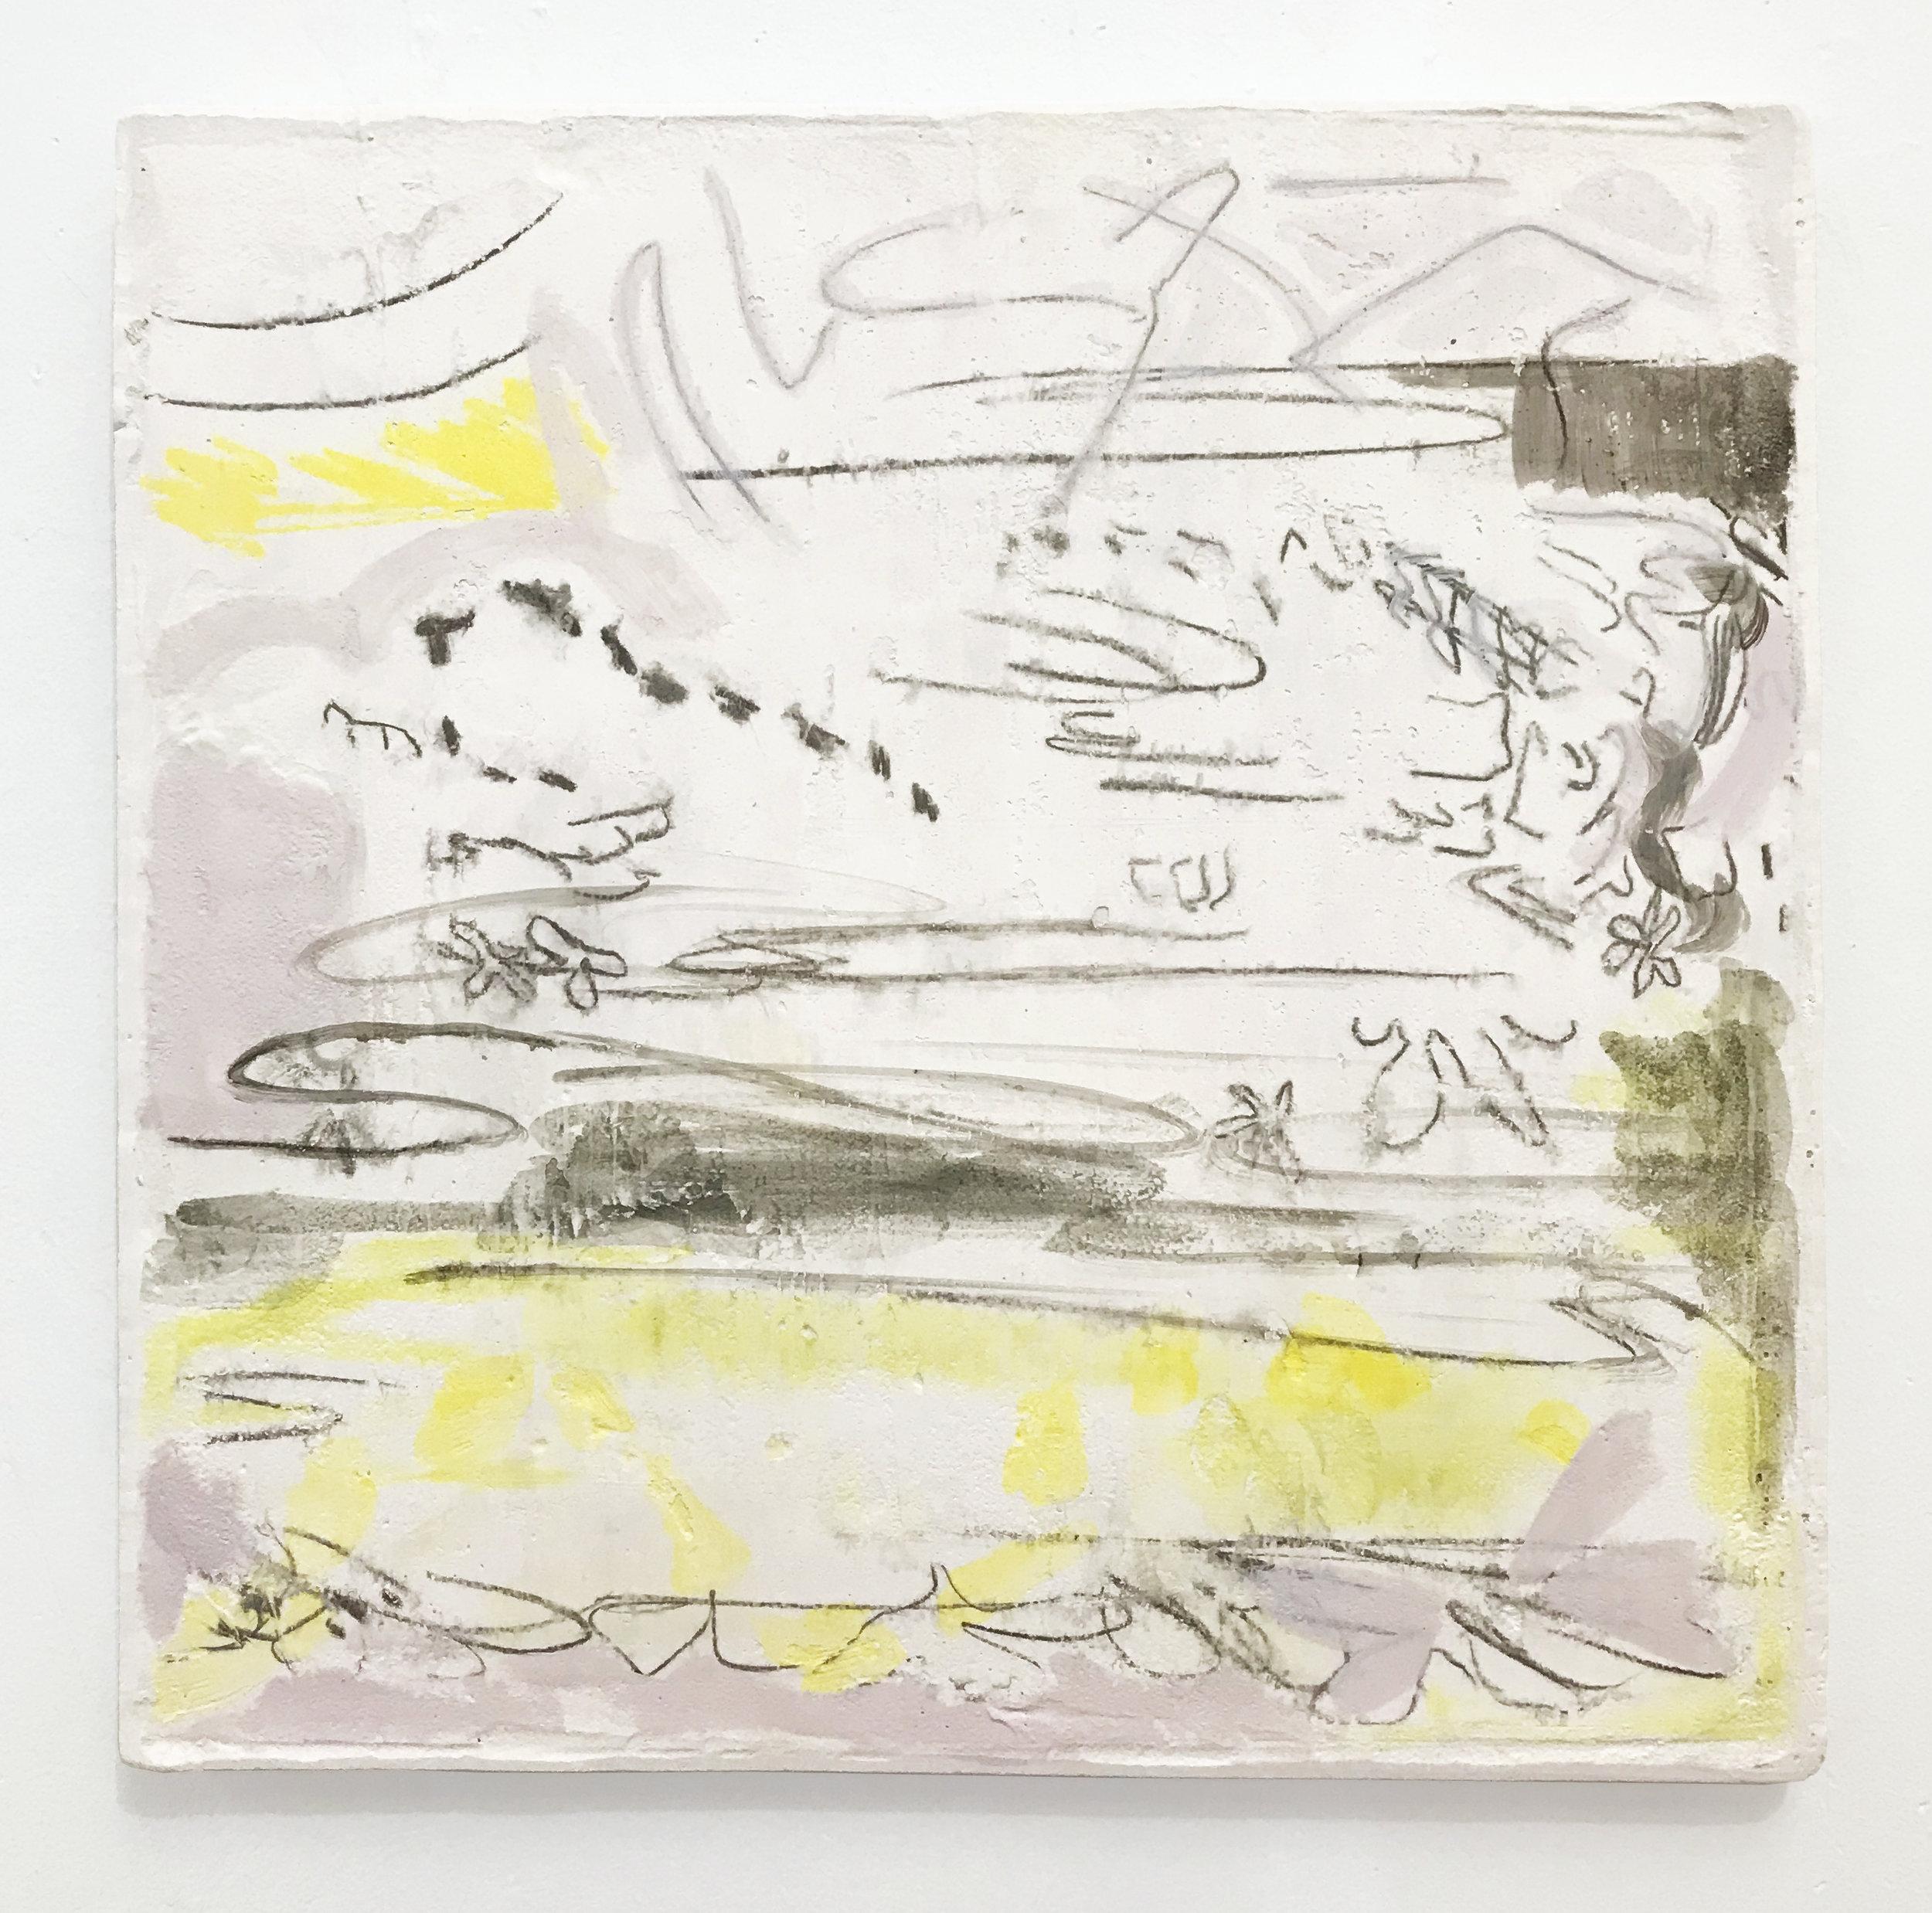 """Untitled (Soft landscape), 2019  Monoprint on hydrocal, oil paint, pigment. 12x12"""""""